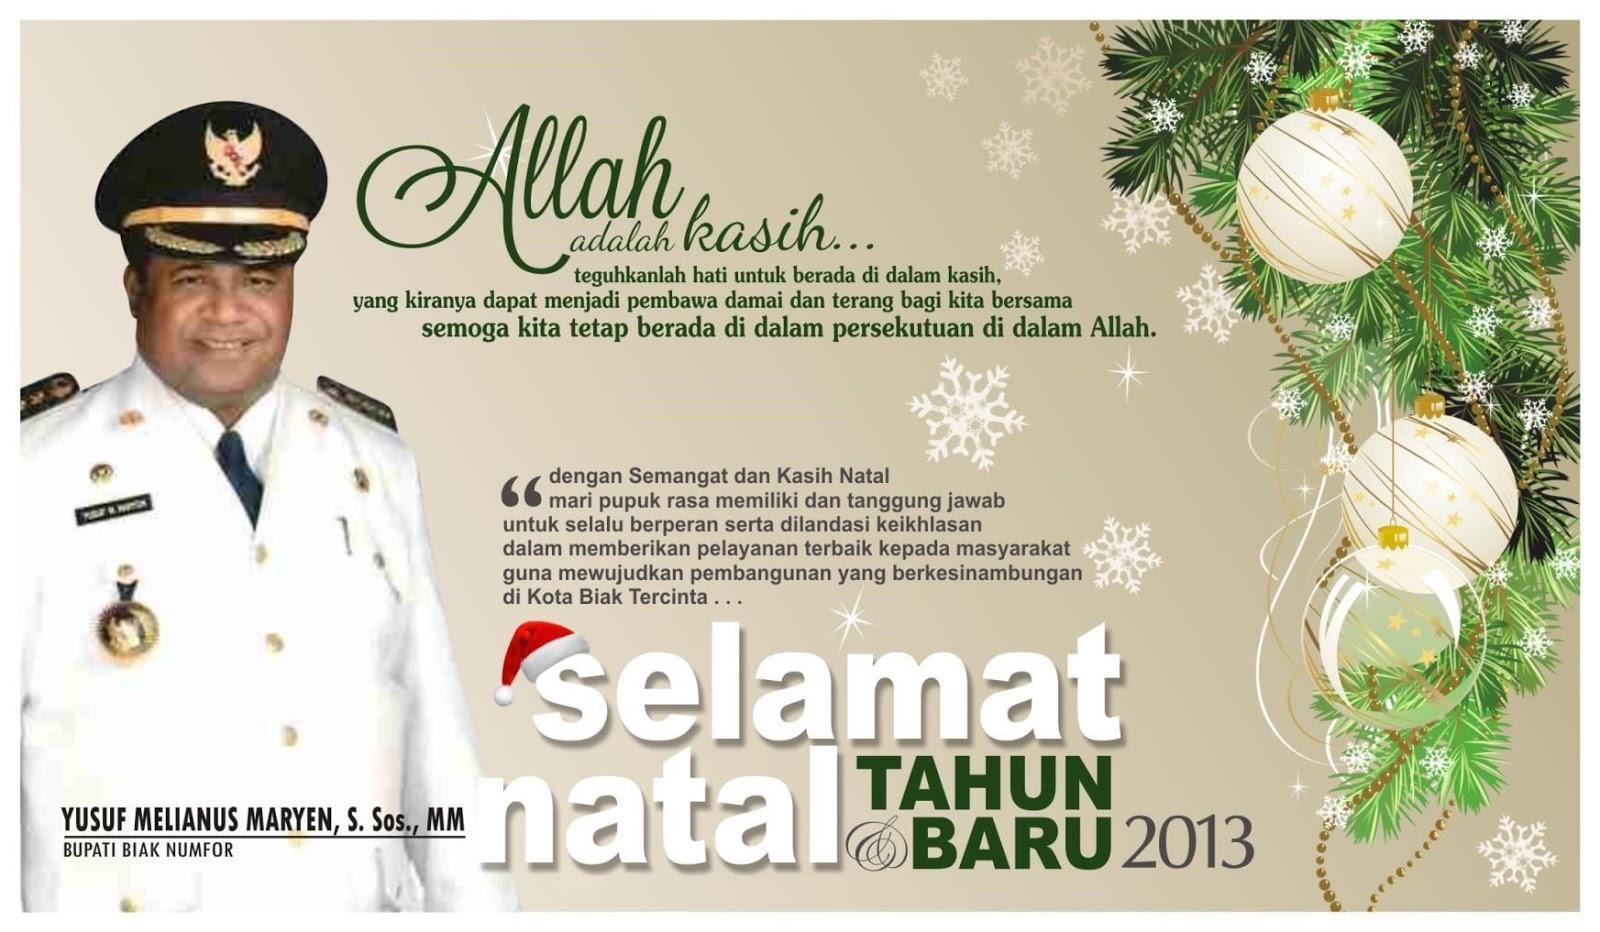 Contoh Kartu Ucapan Selamat Natal Dan Tahun Baru ...